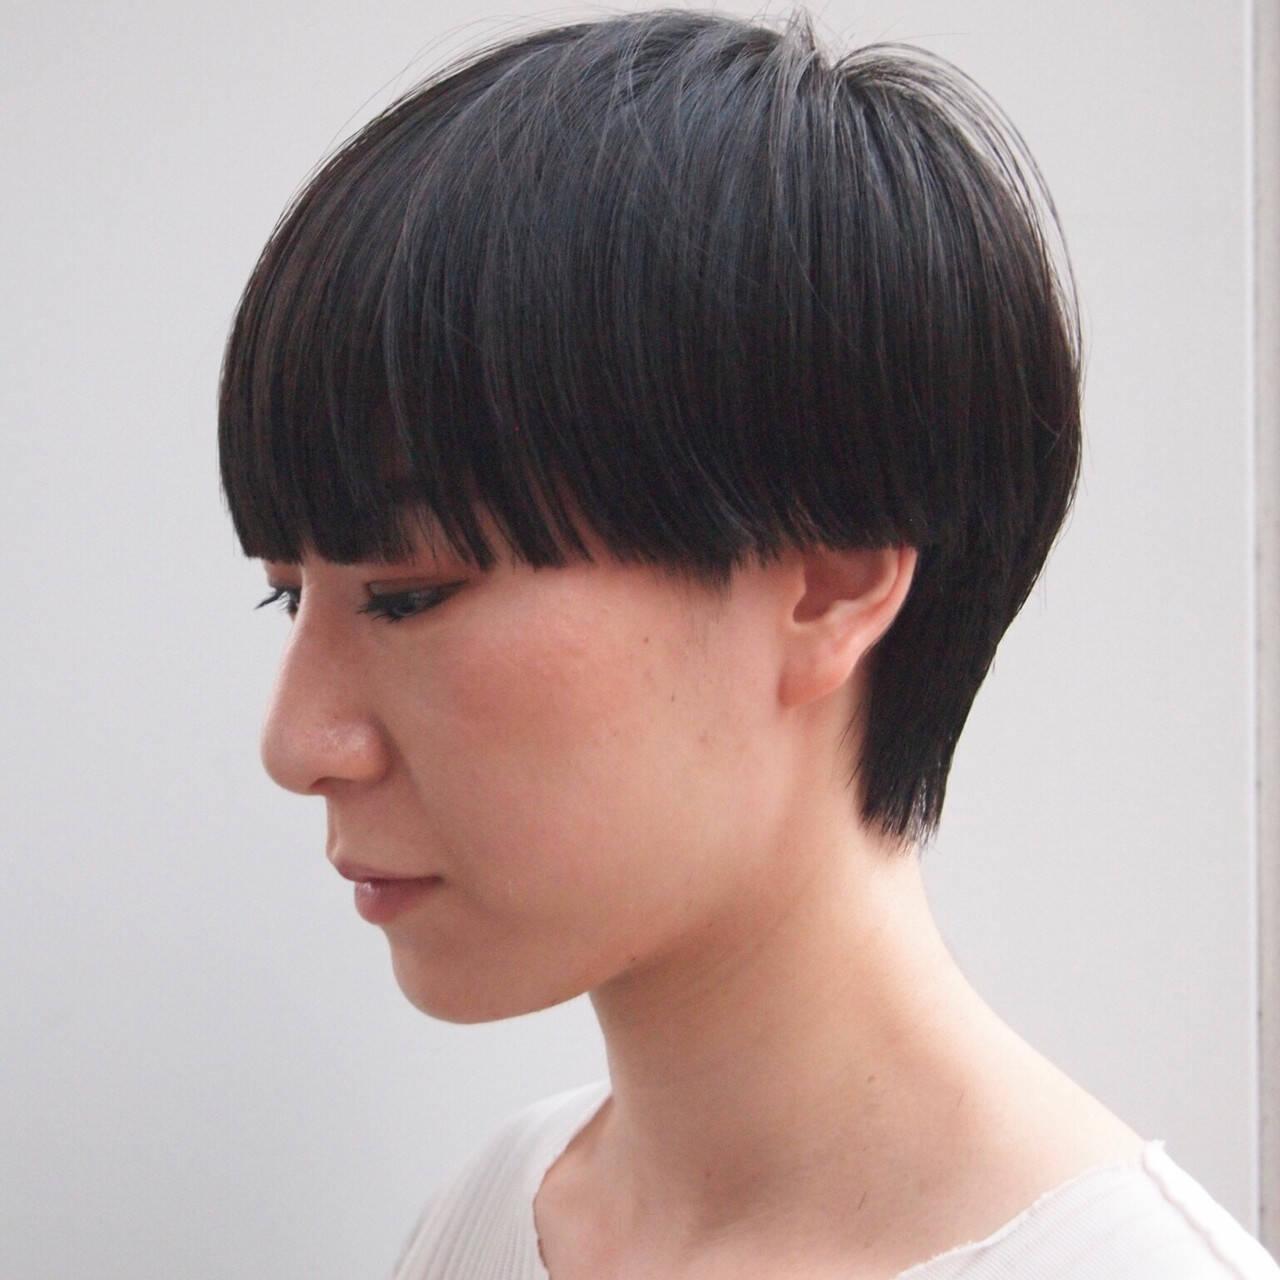 ショートヘア ワイドバング モード マッシュウルフヘアスタイルや髪型の写真・画像